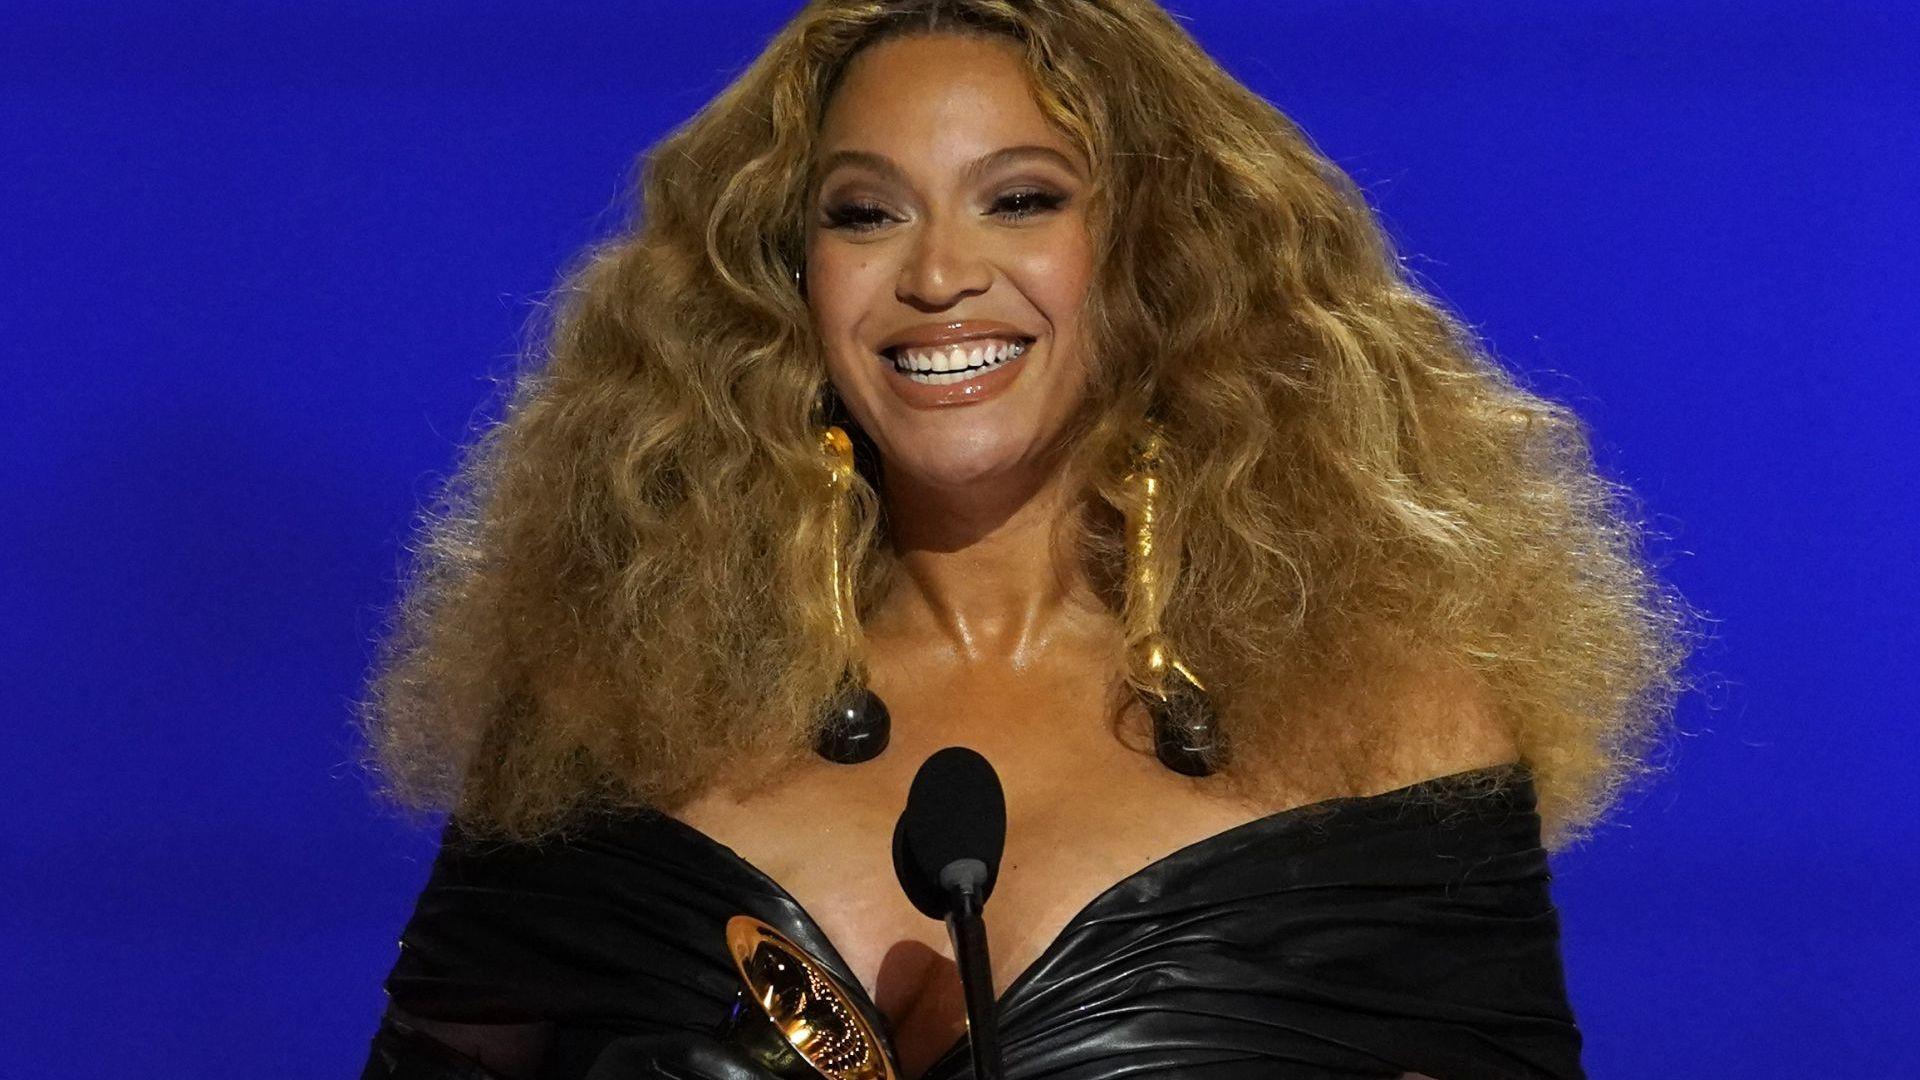 """Раздадоха """"Грами"""" - H.E.R. с награда за най-добра песен, Бионсе с исторически приз (снимки, видео)"""